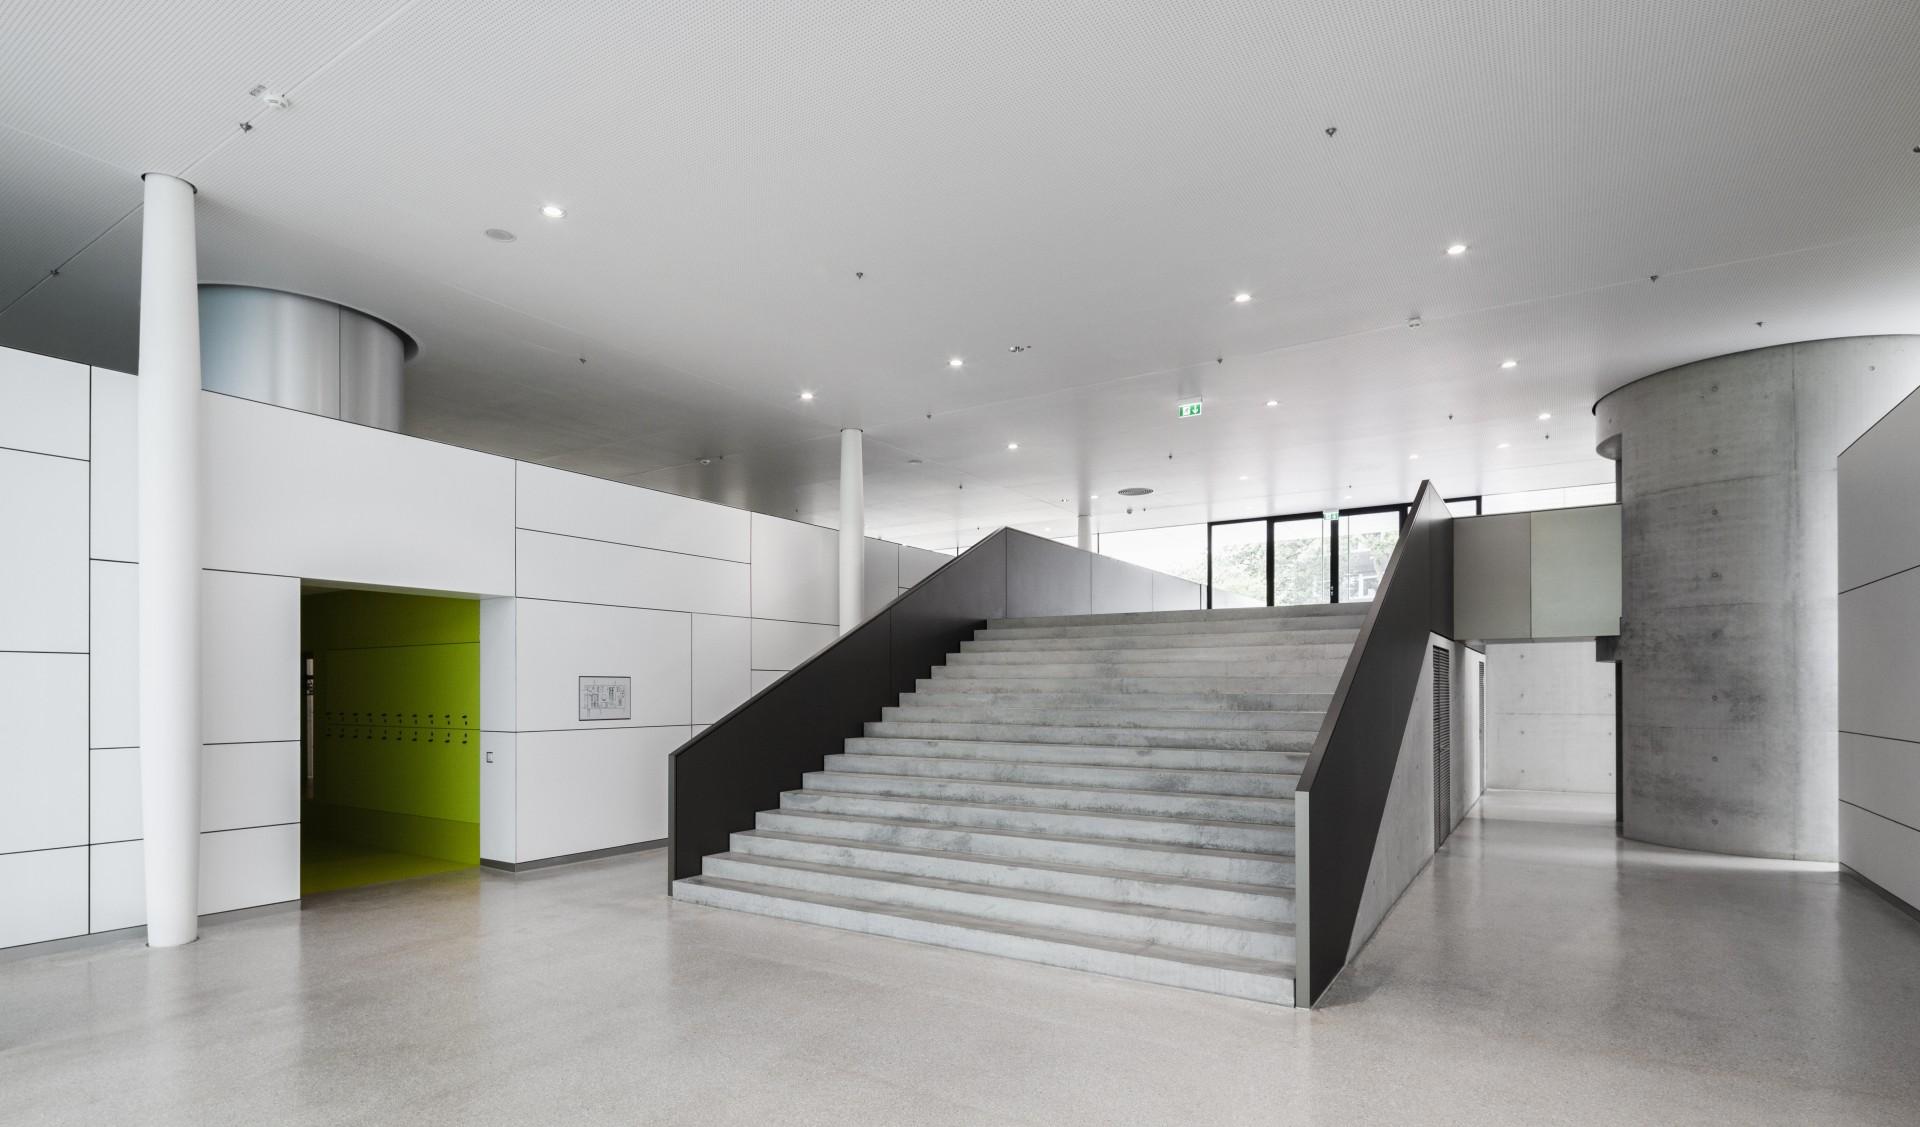 263-Chris-Franken-Architekturfotos-70hbR3g8